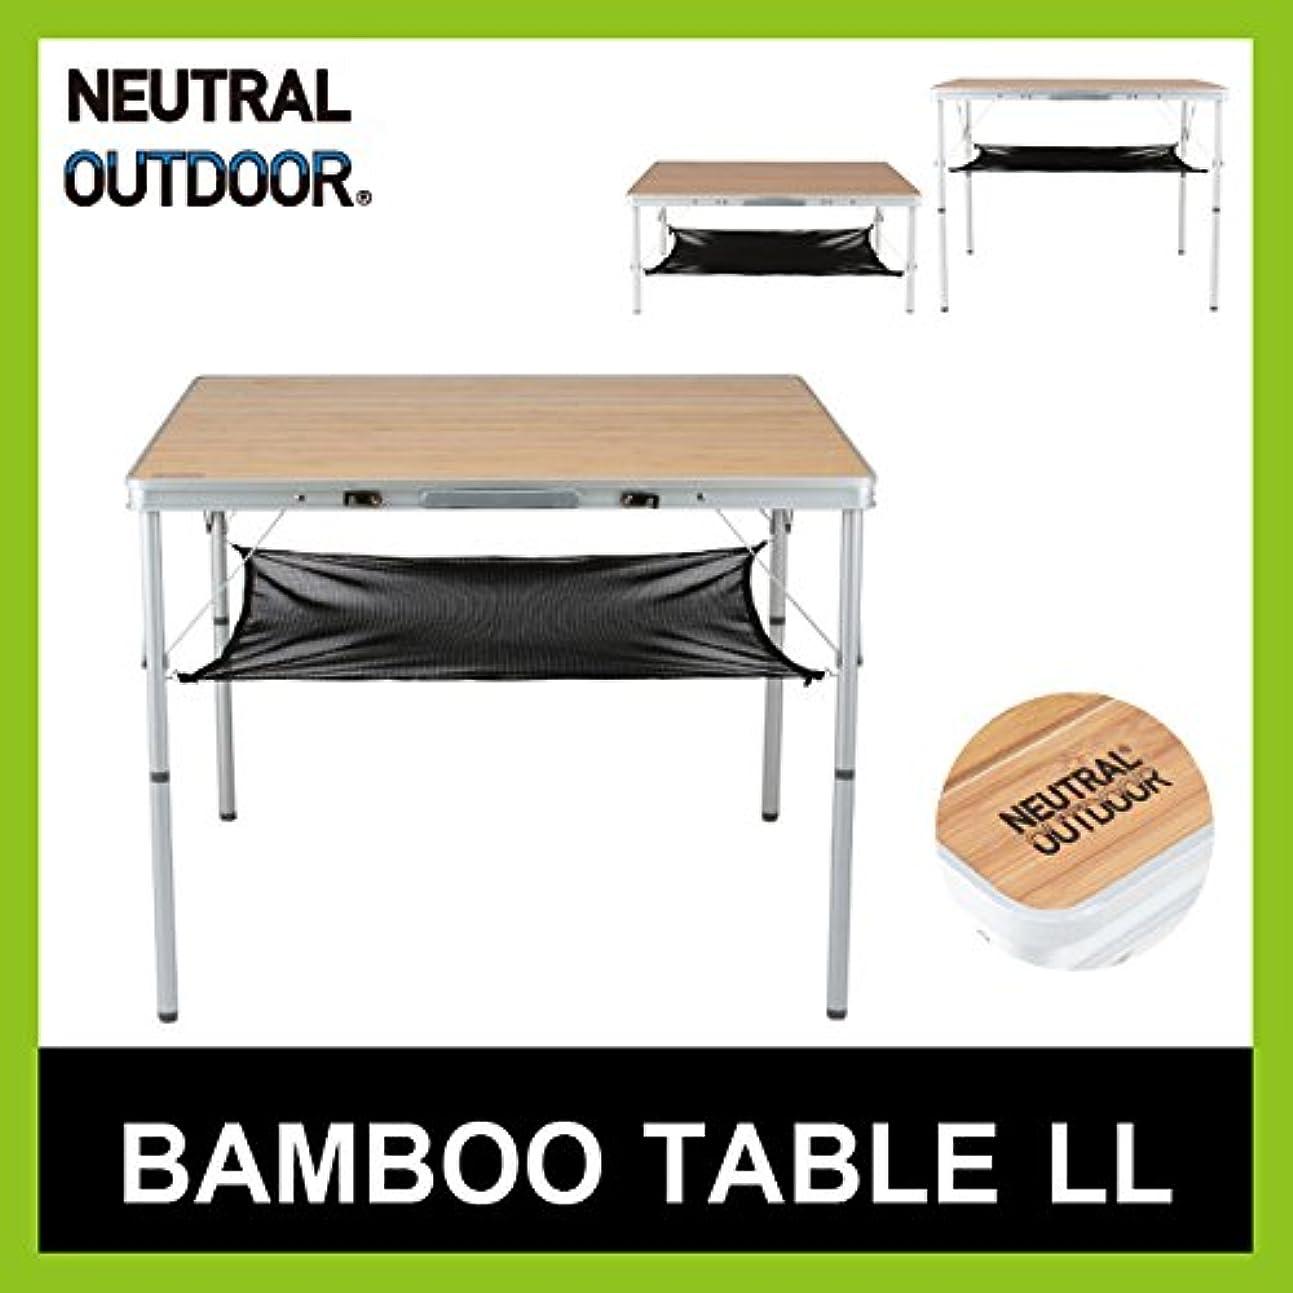 明るいどちらか反毒ニュートラルアウトドア バンブーテーブル LL 折りたたみ式 コンパクト Bamboo Table